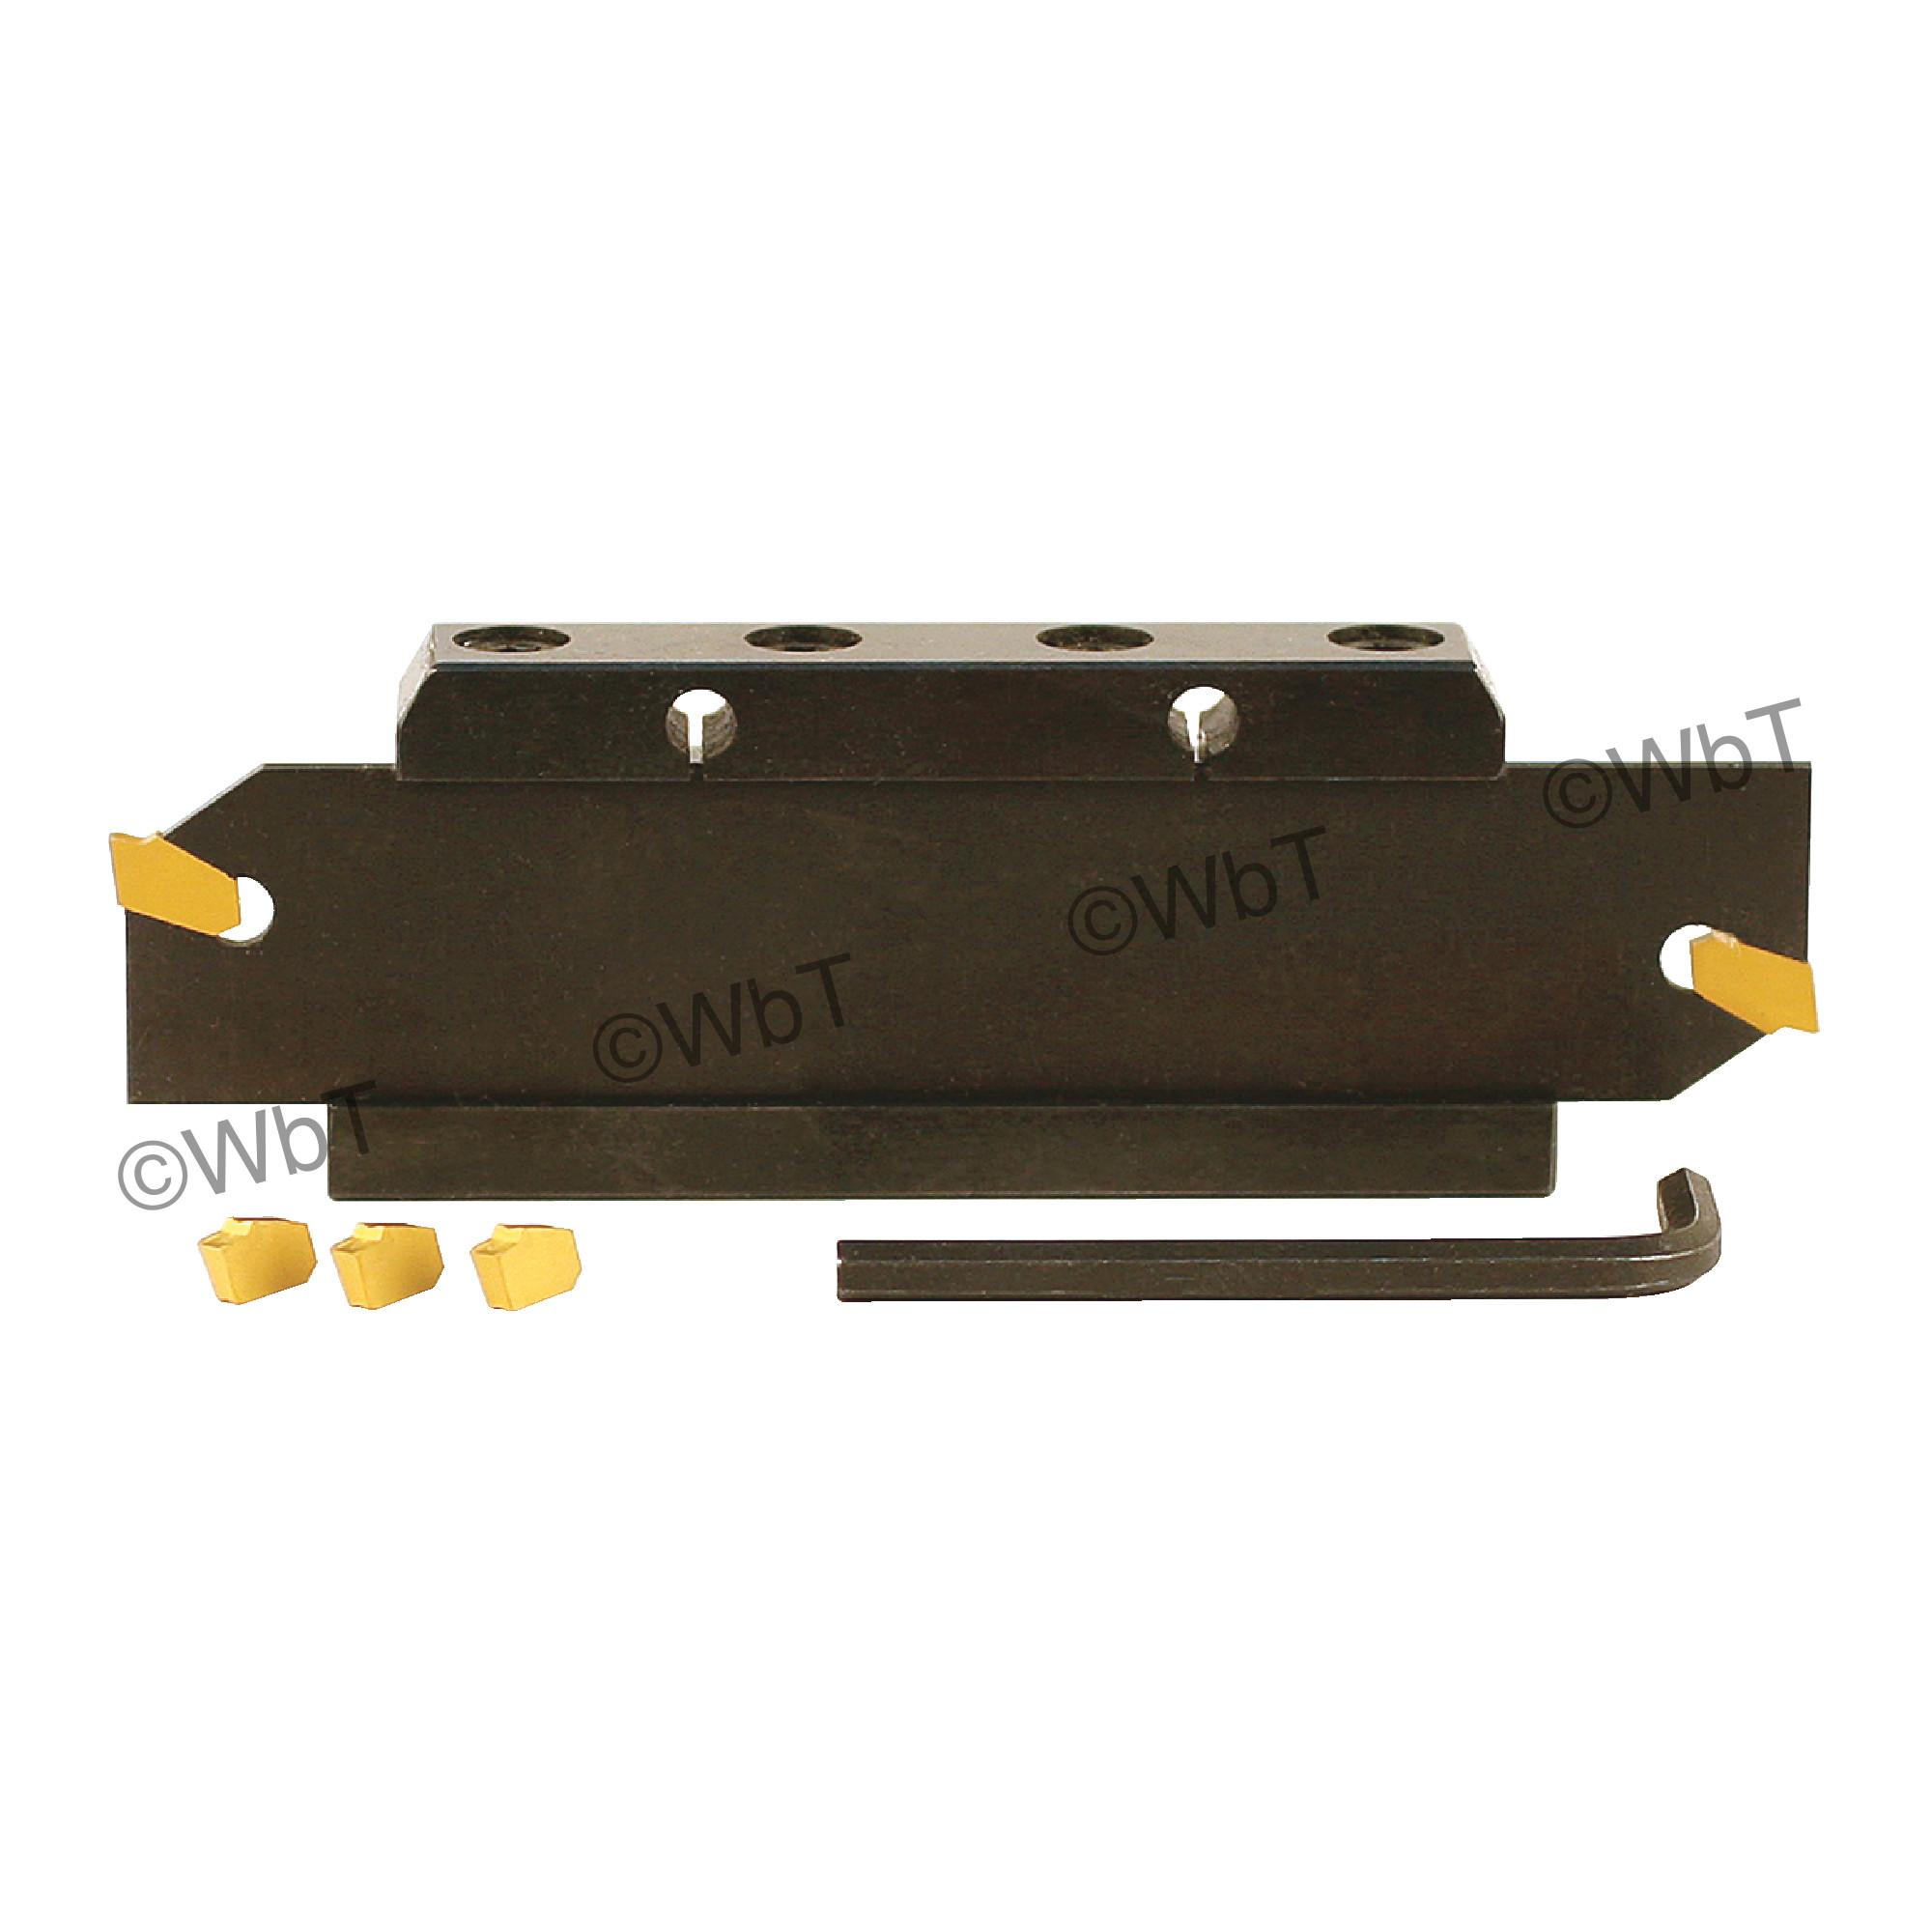 """TERRA CARBIDE - GTN-3 Blade, Block, & Insert Set 3 / 3/4"""" X 3/4"""" Shank / For 1.0"""" (26mm) Height Blades / With (5) GTN-3"""